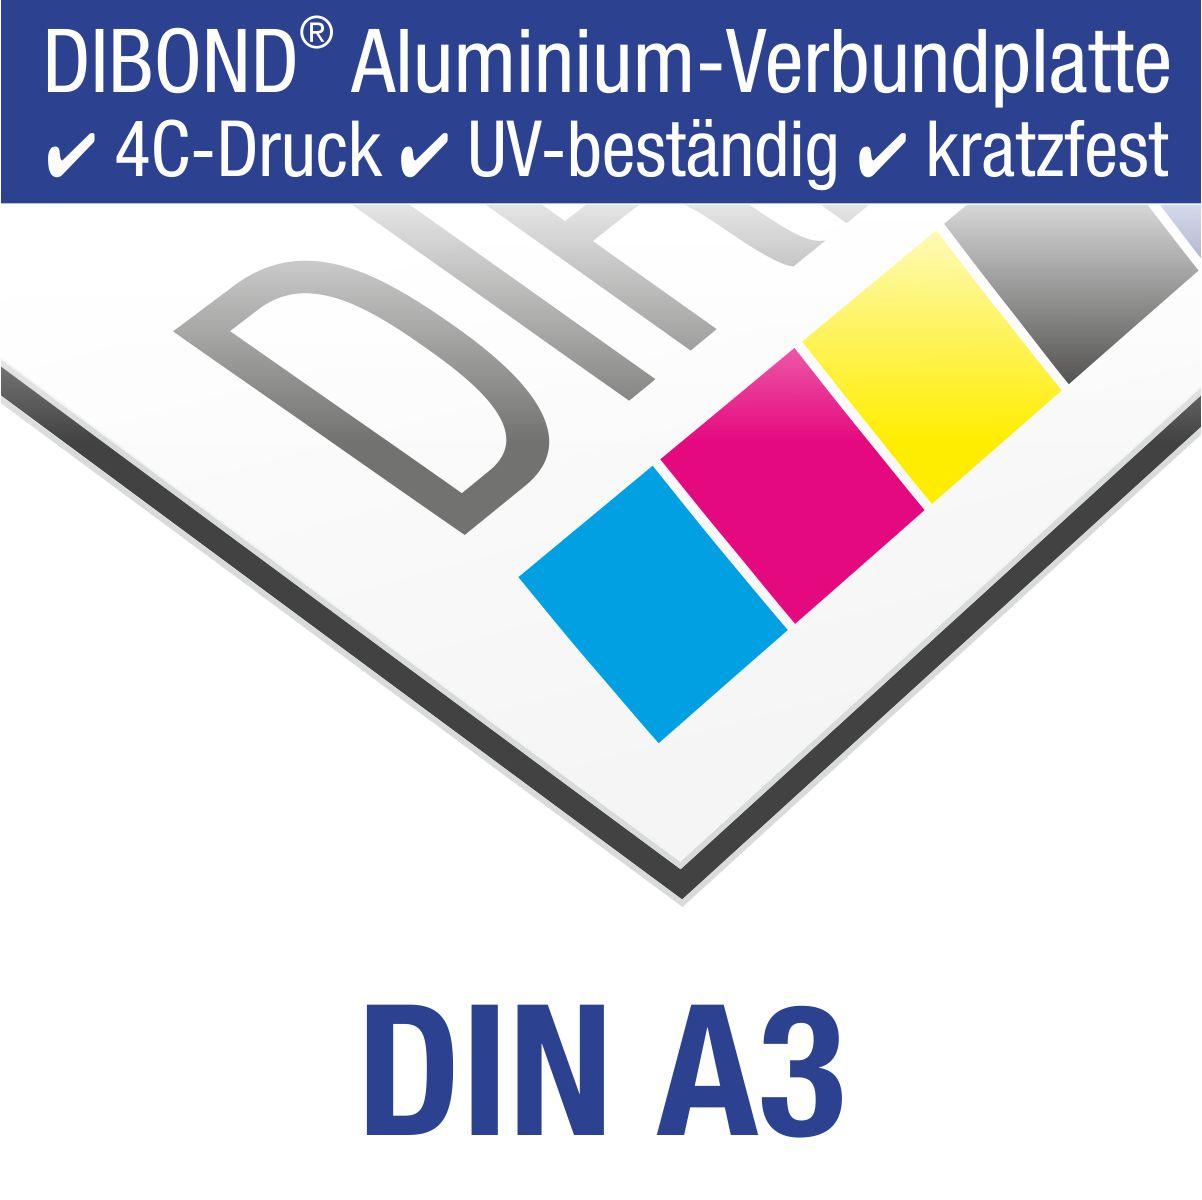 DIBOND® Schild mit 4C-Druck | DIN A3 (42,0 x 29,7 cm)